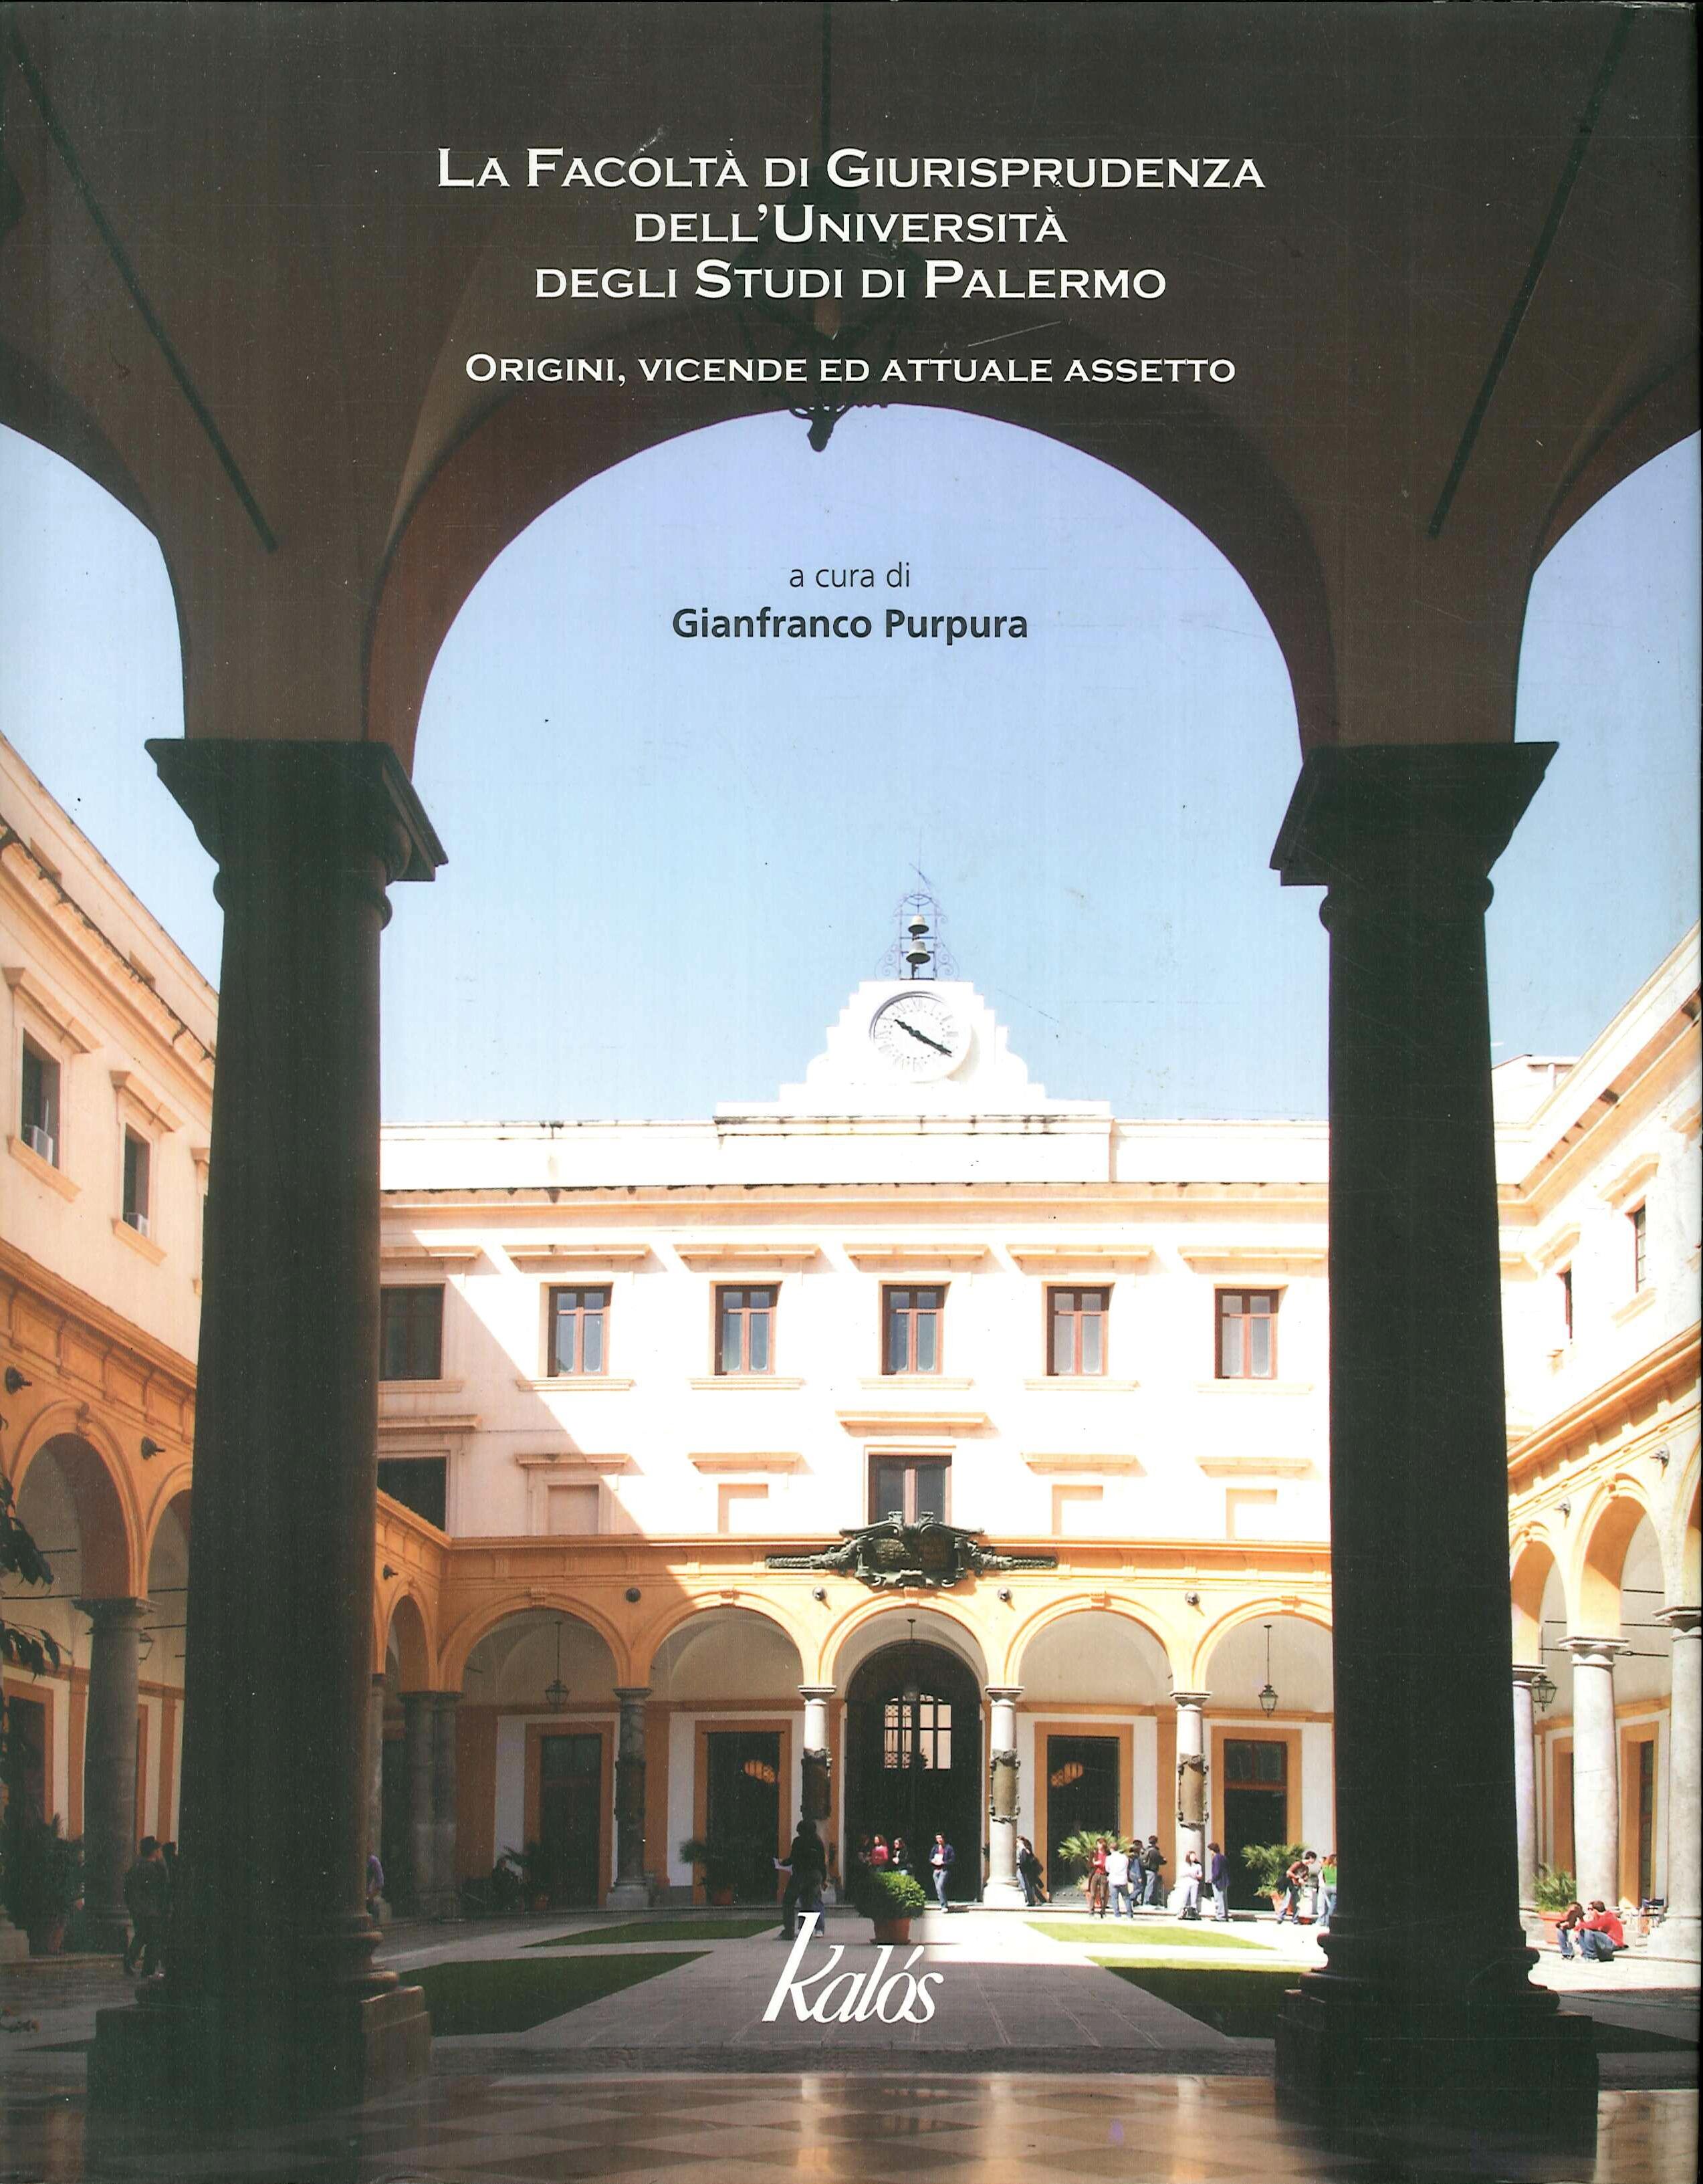 Facoltà di giurisprudenza dell'Università degli Studi di Palermo. Origini, vicende ed attuale assetto